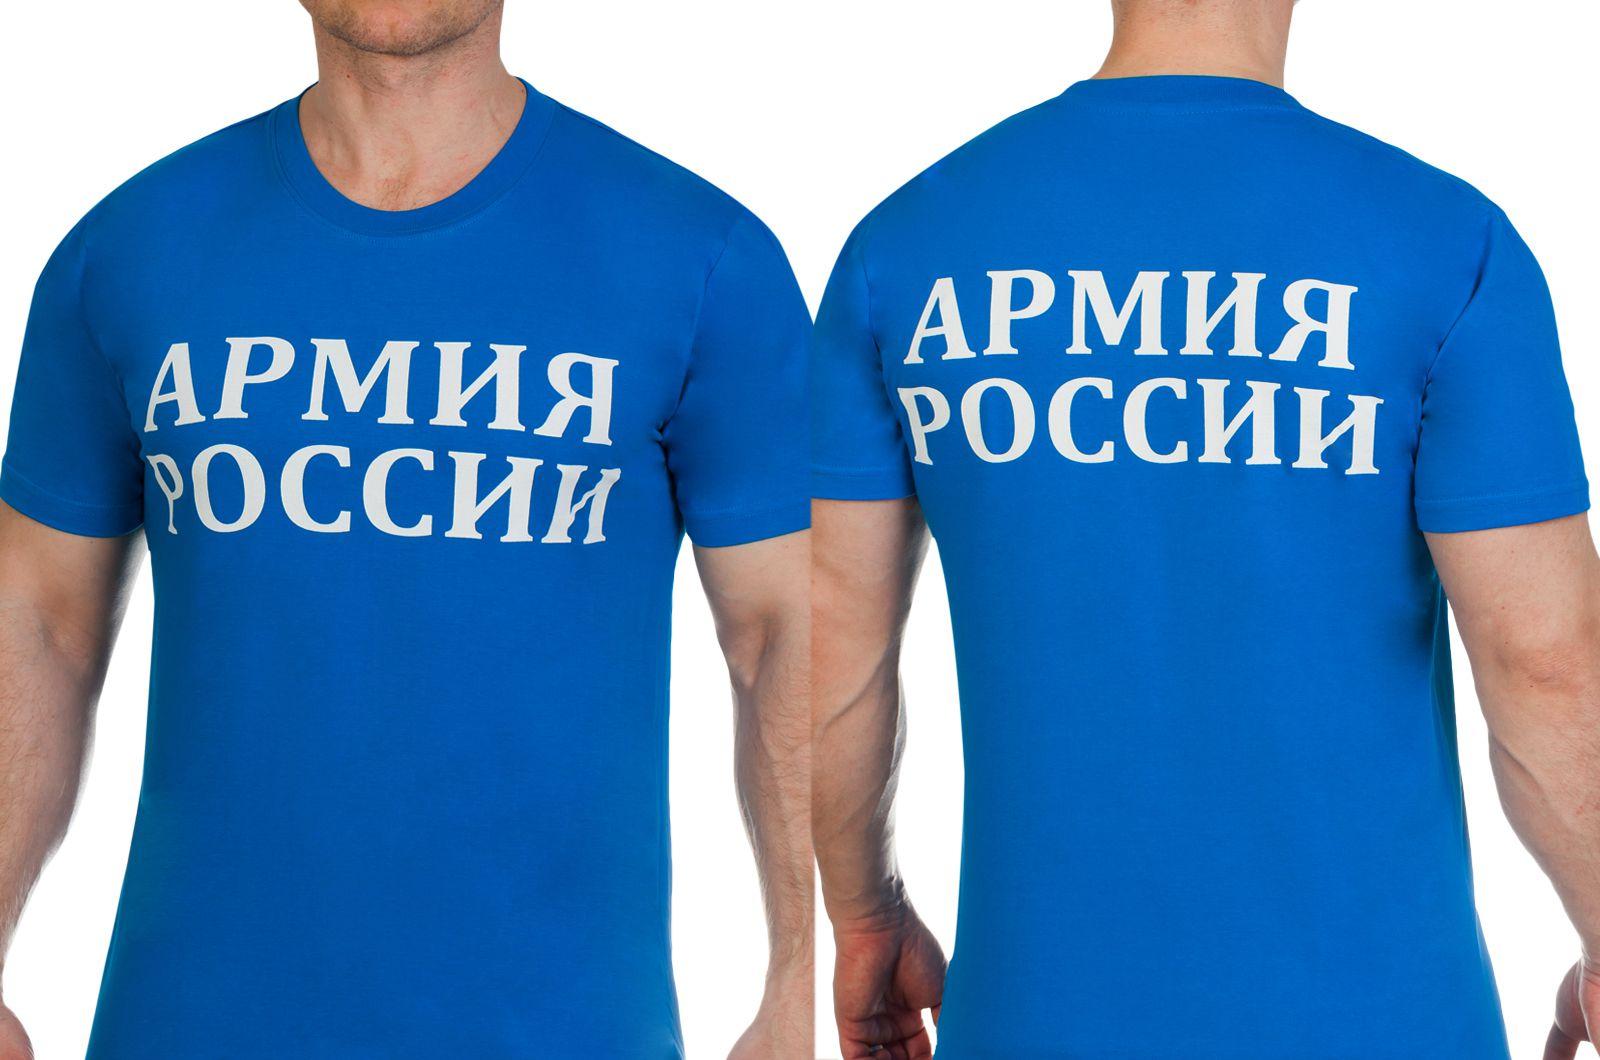 Заказать футболки с надписью «Армия России»